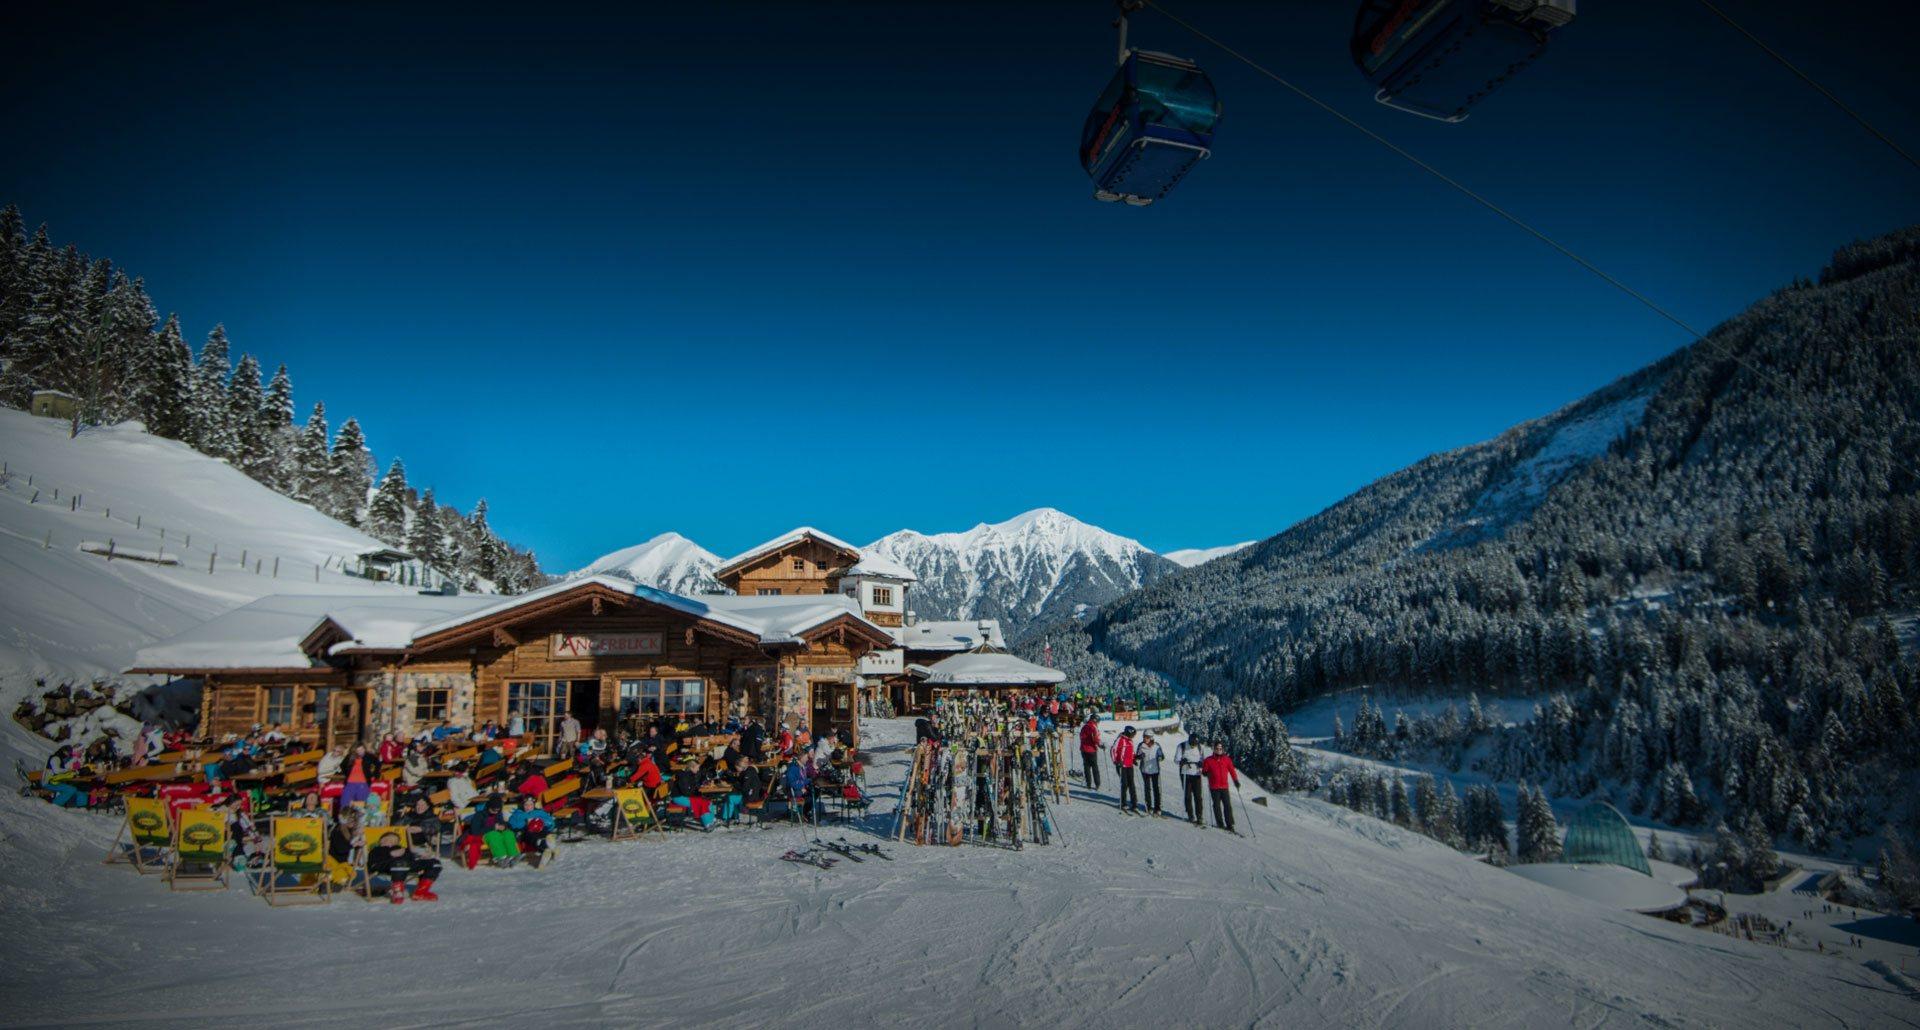 Skihütte & Ski-Restaurant in Bad Hofgastein, Gasteinertal